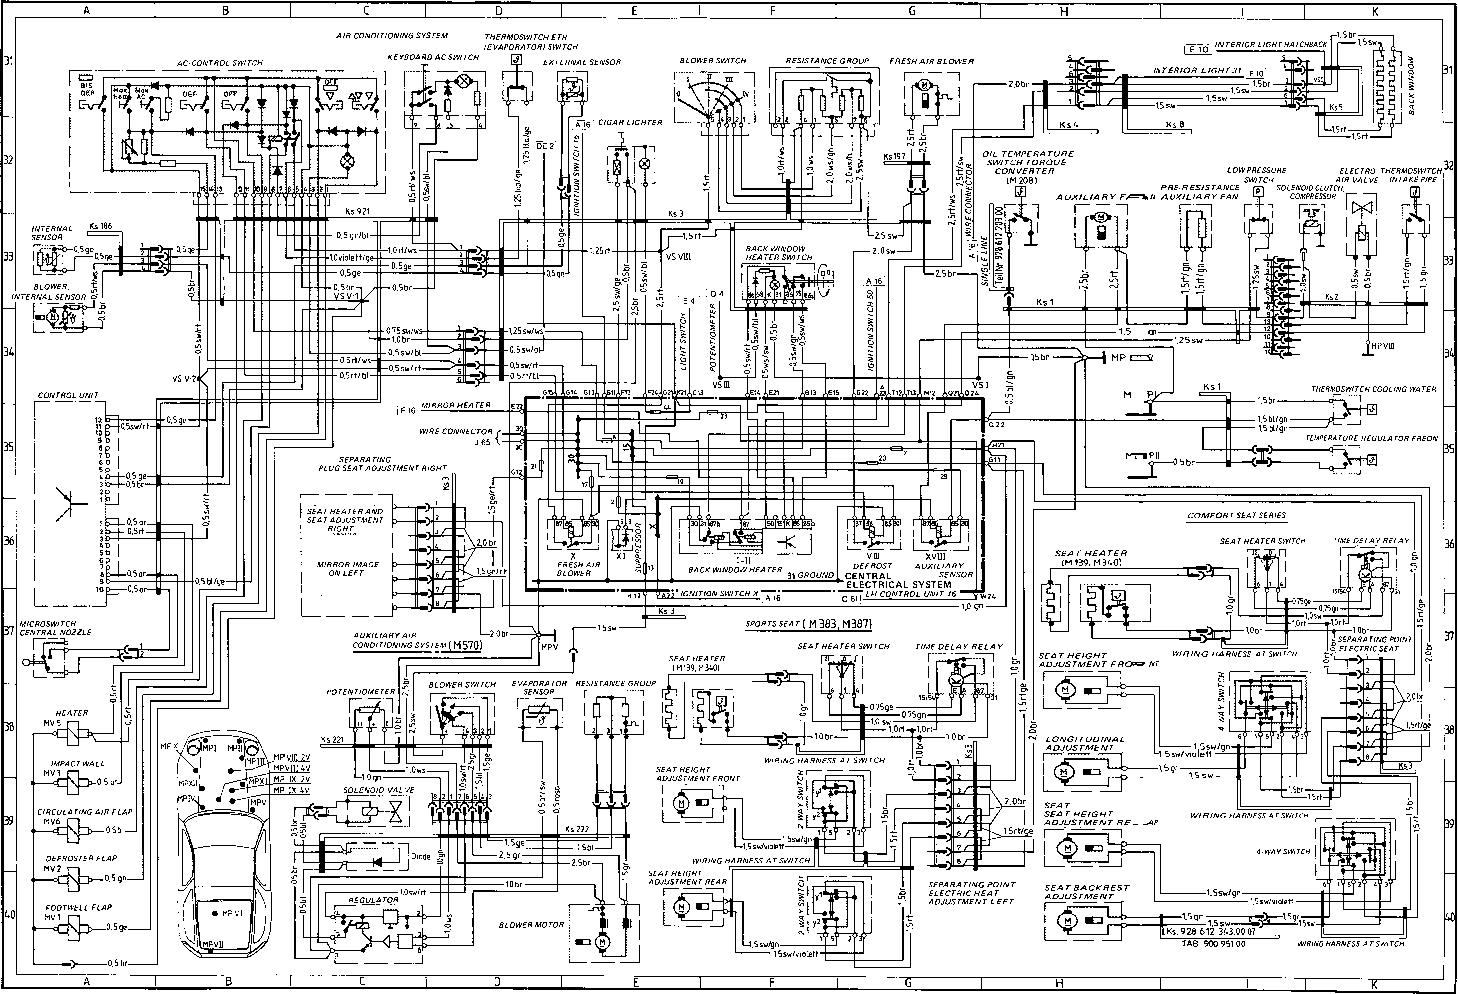 Ausgezeichnet 1980 Porsche 911 Schaltplan Zeitgenössisch - Die ...